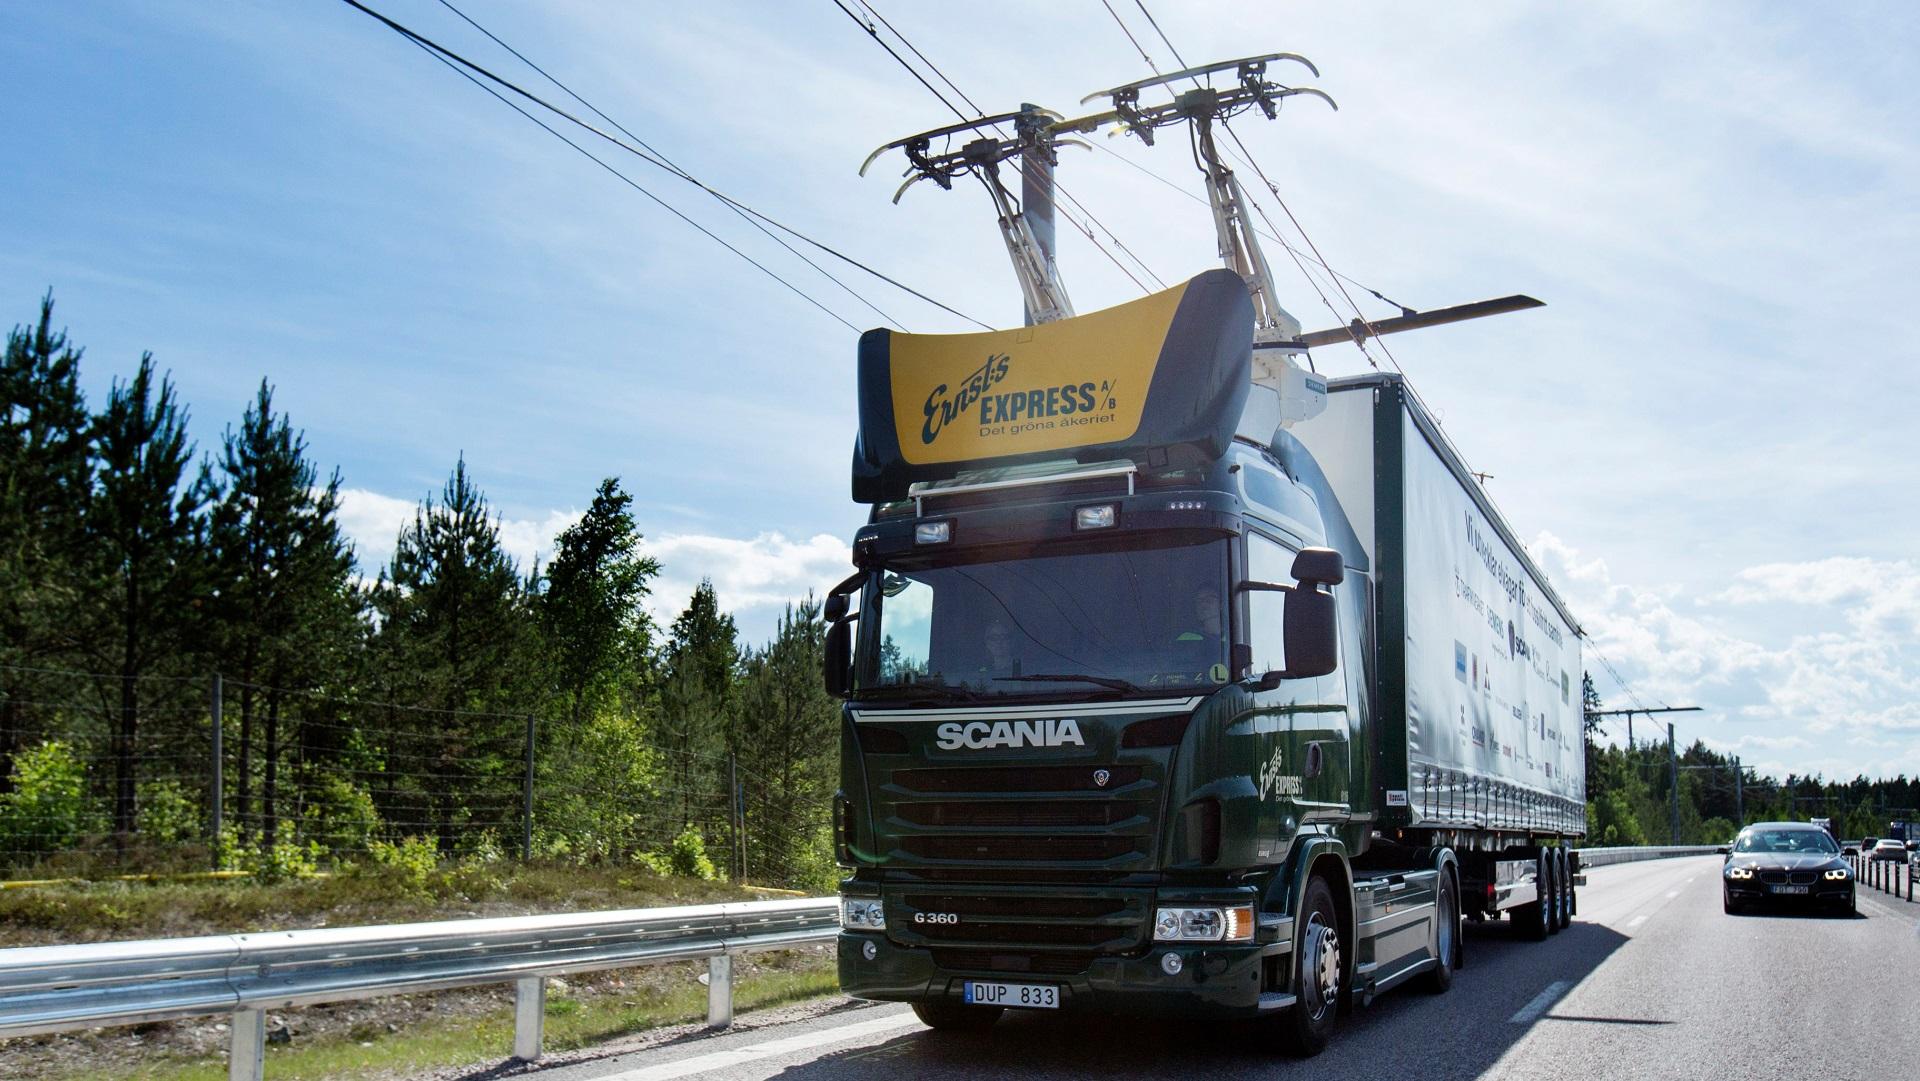 Caminhões híbridos adaptados poderão rodar a até 90 km/h (Siemens/Scania CV AB)